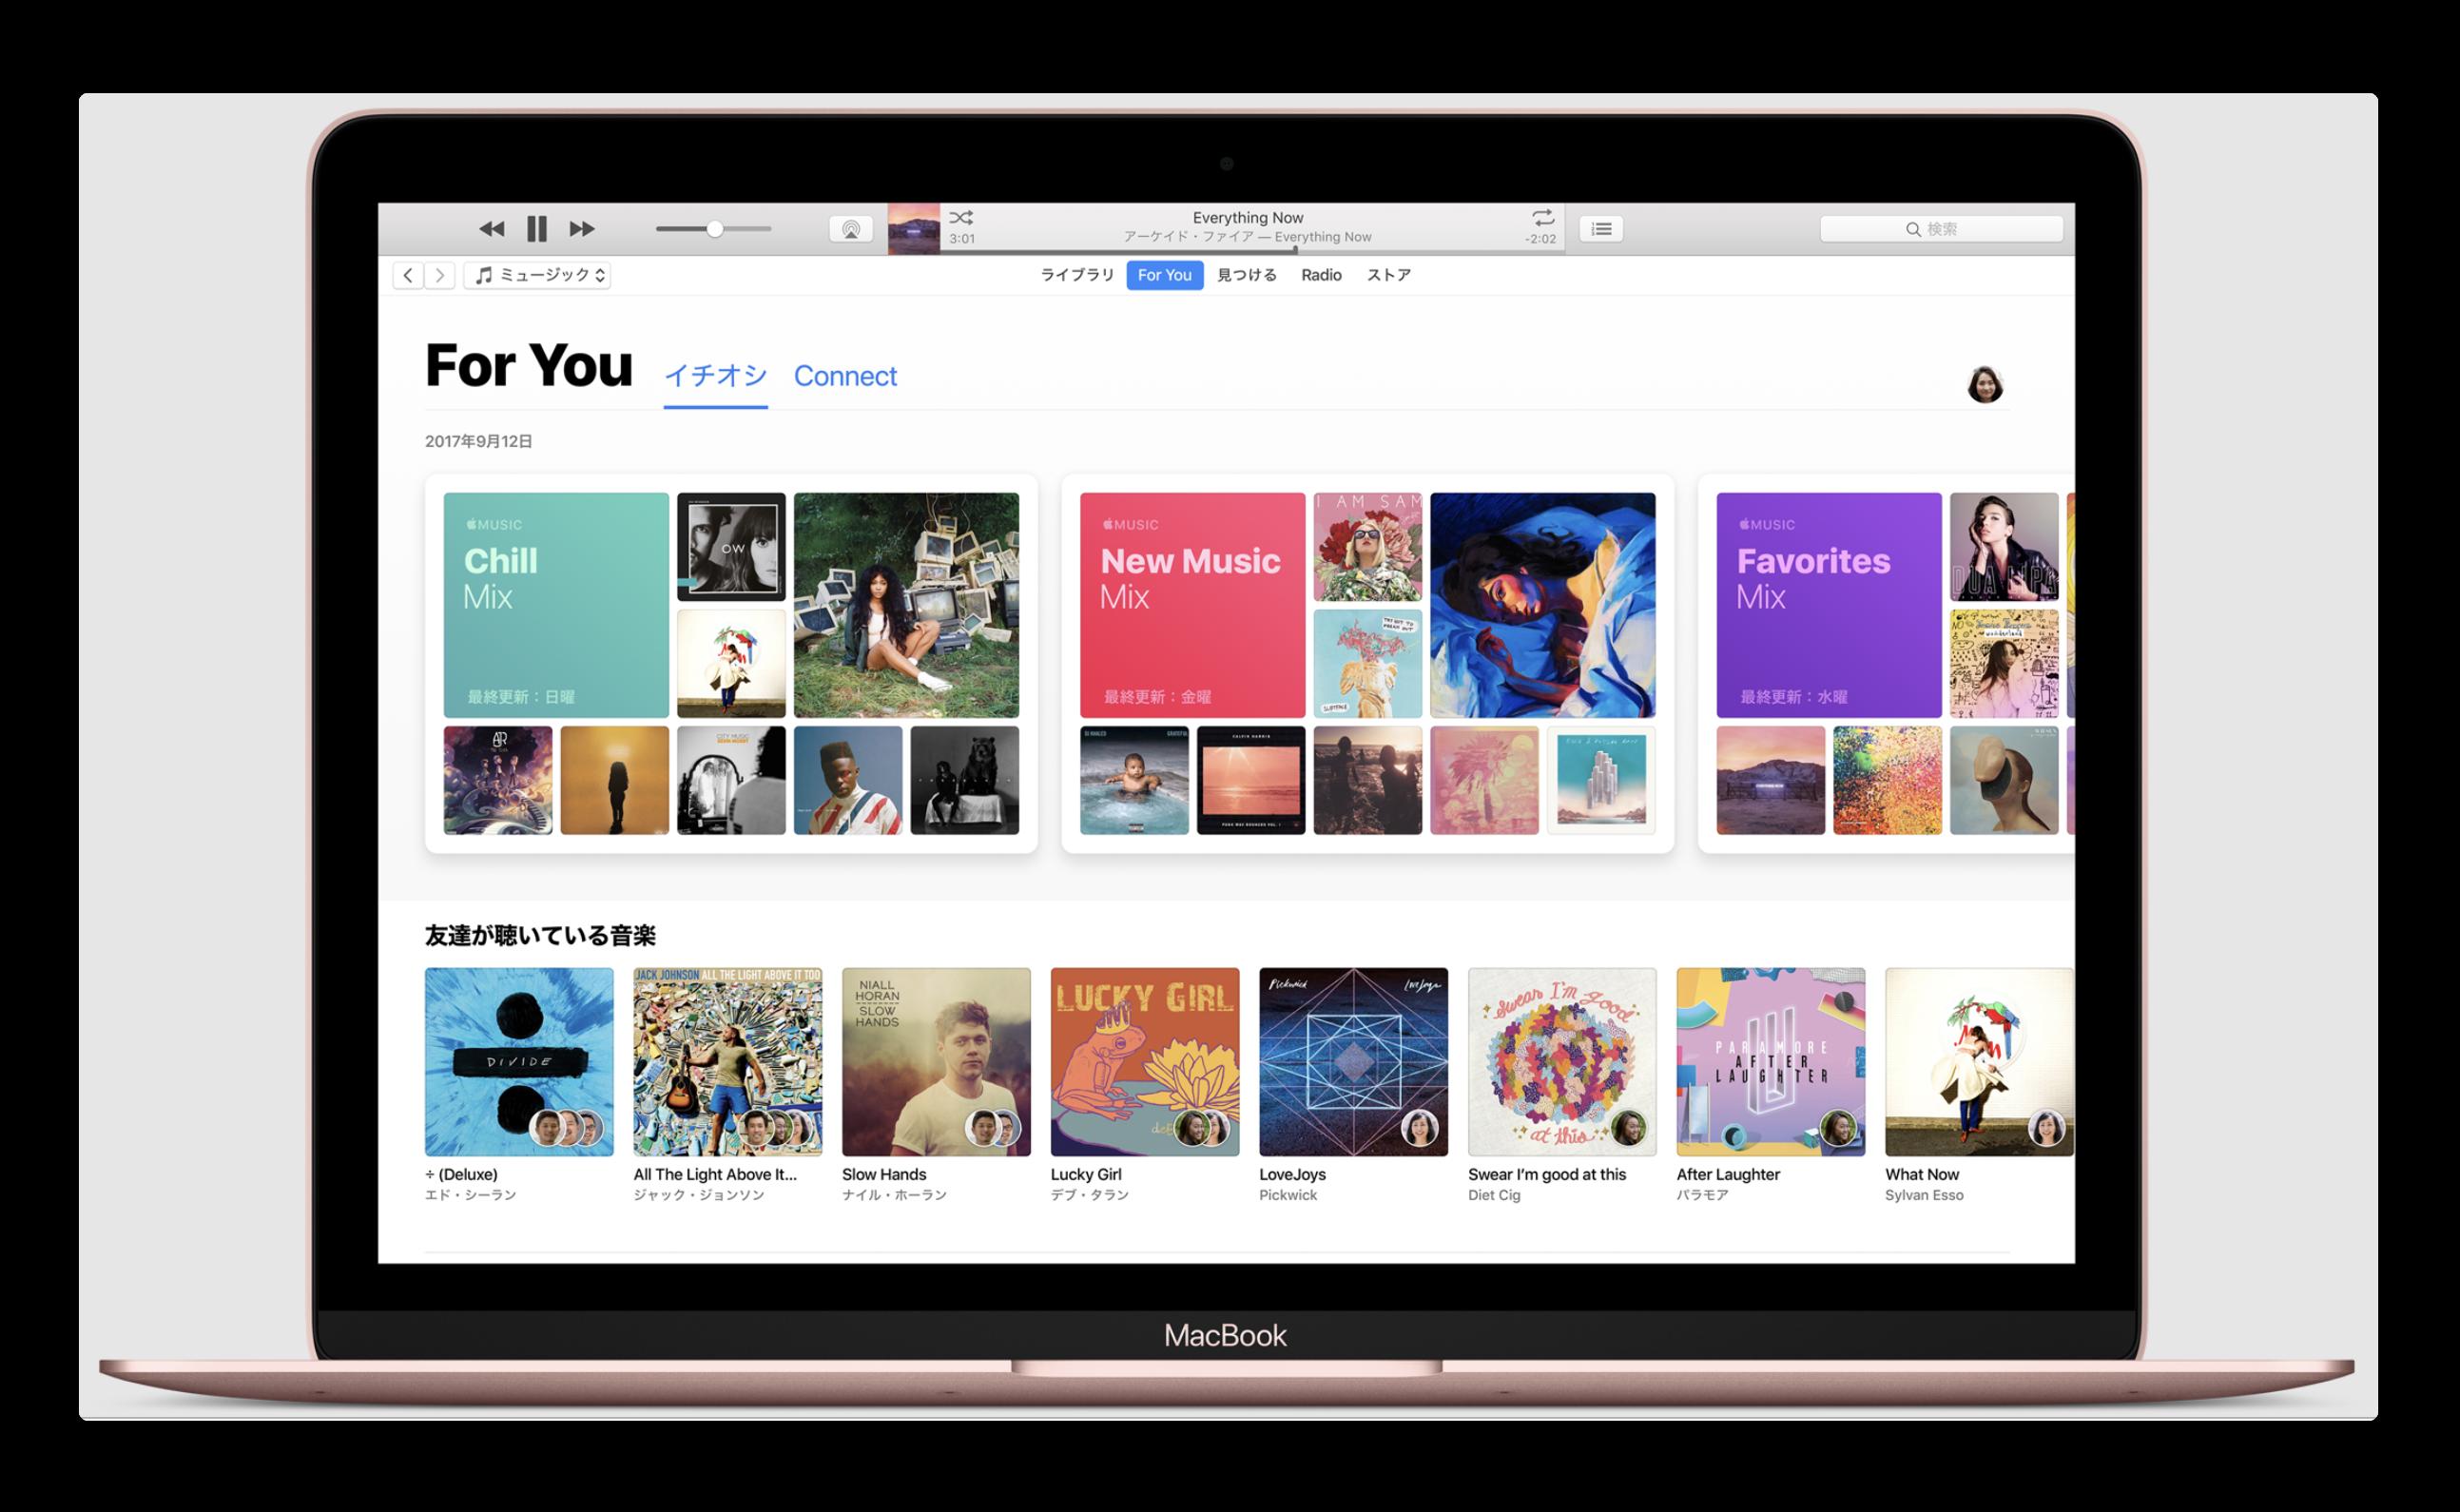 アナリストが予測するには、Apple Musicの加入者は昨対40%増になる